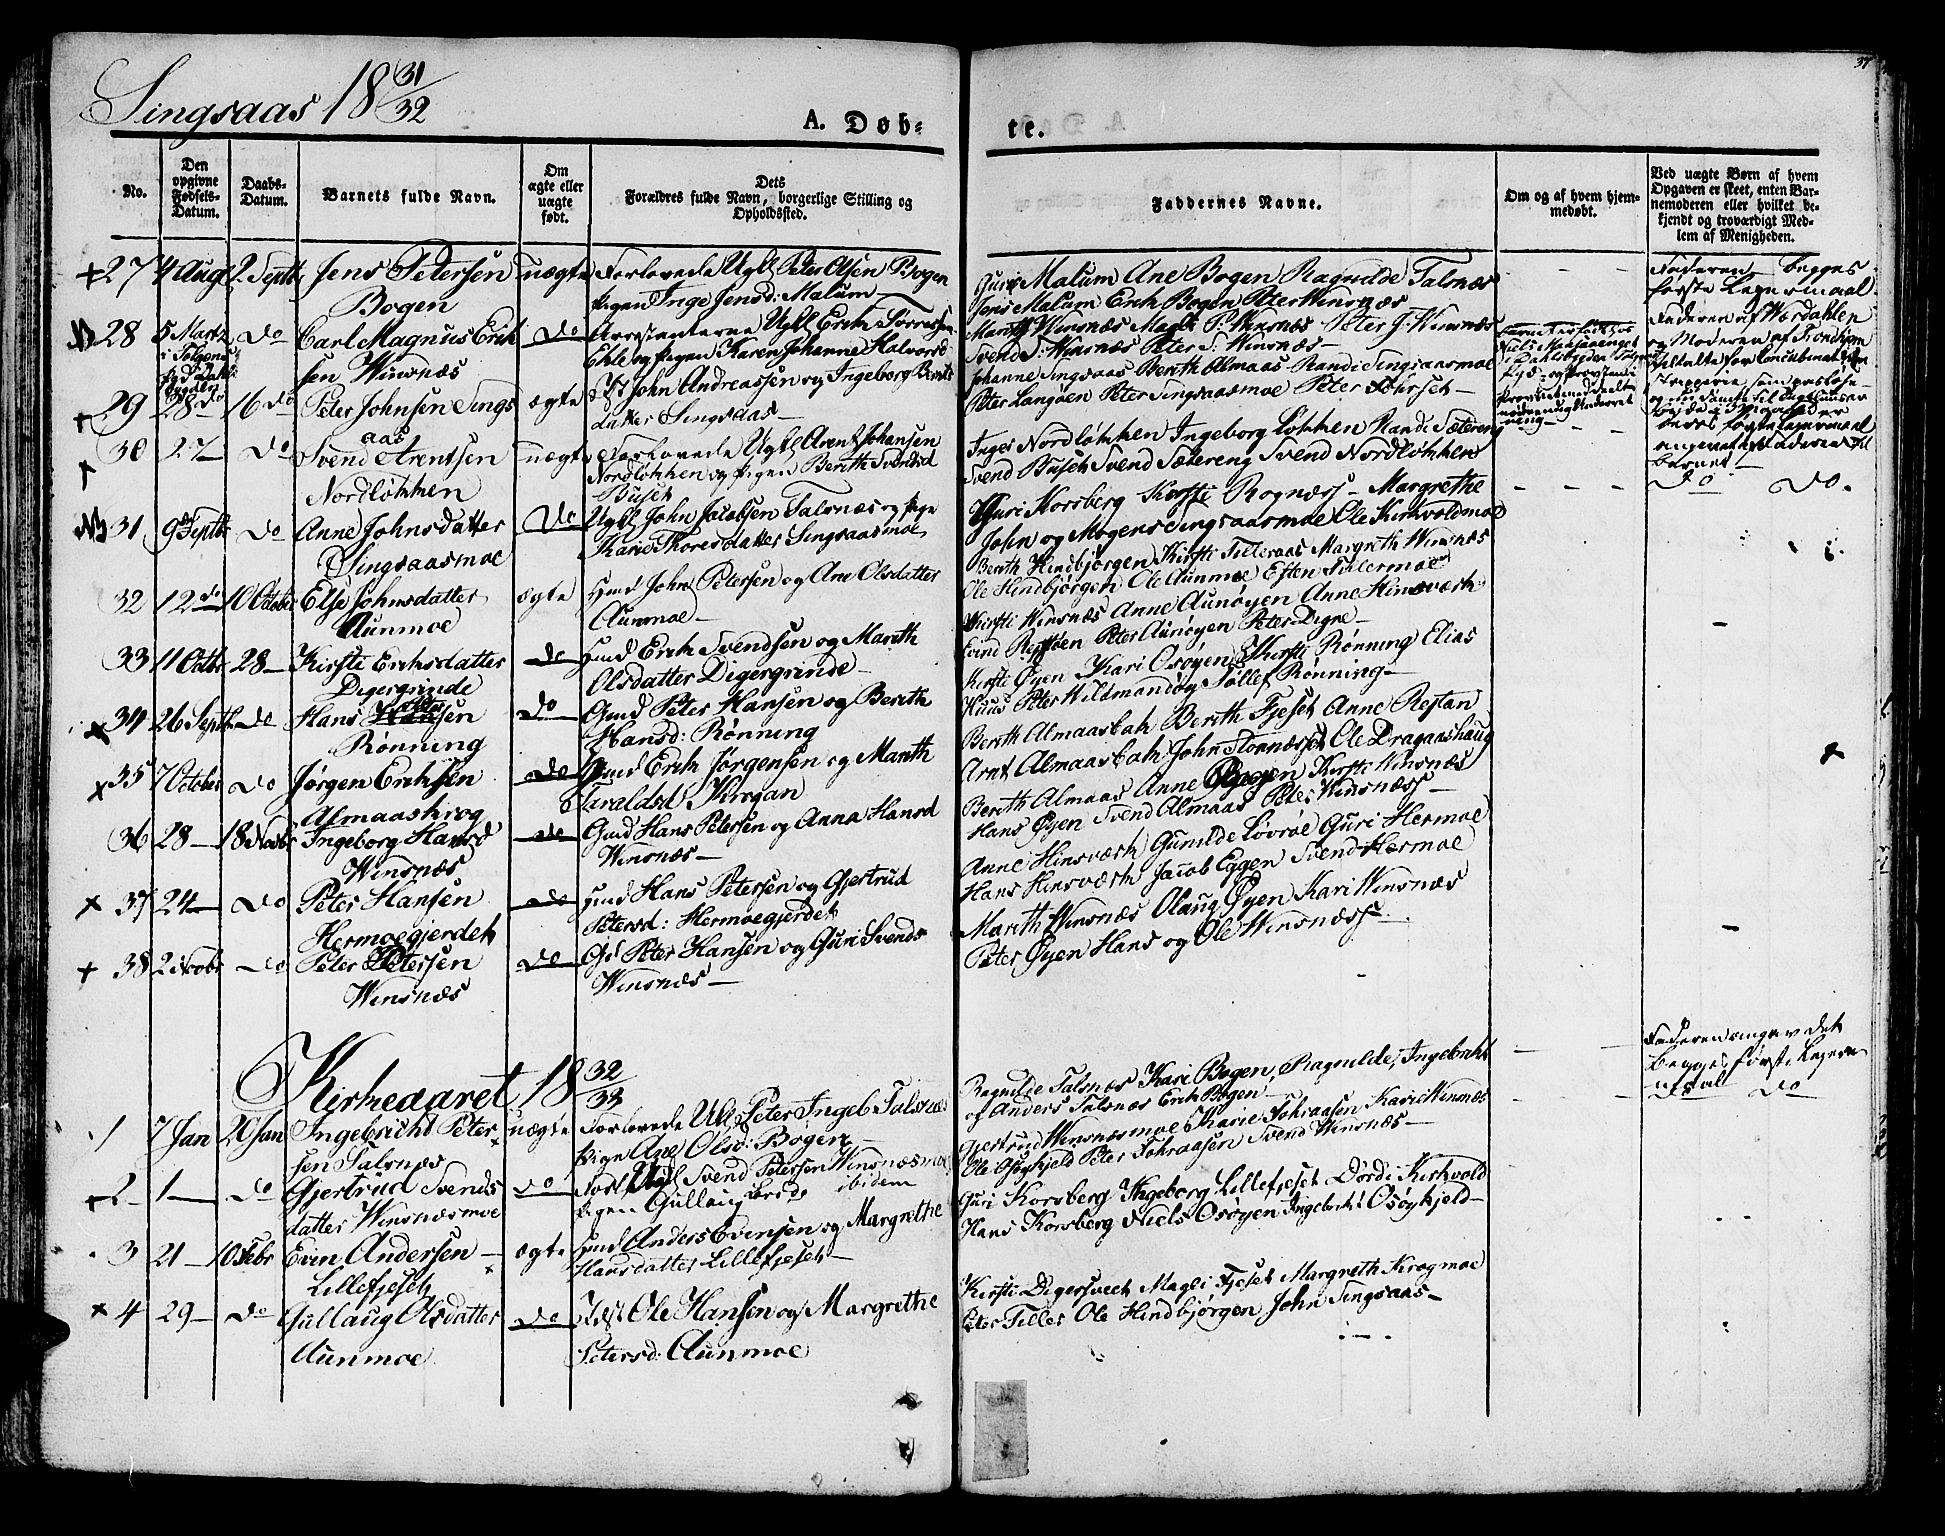 SAT, Ministerialprotokoller, klokkerbøker og fødselsregistre - Sør-Trøndelag, 685/L0958: Ministerialbok nr. 685A04 /2, 1829-1845, s. 37